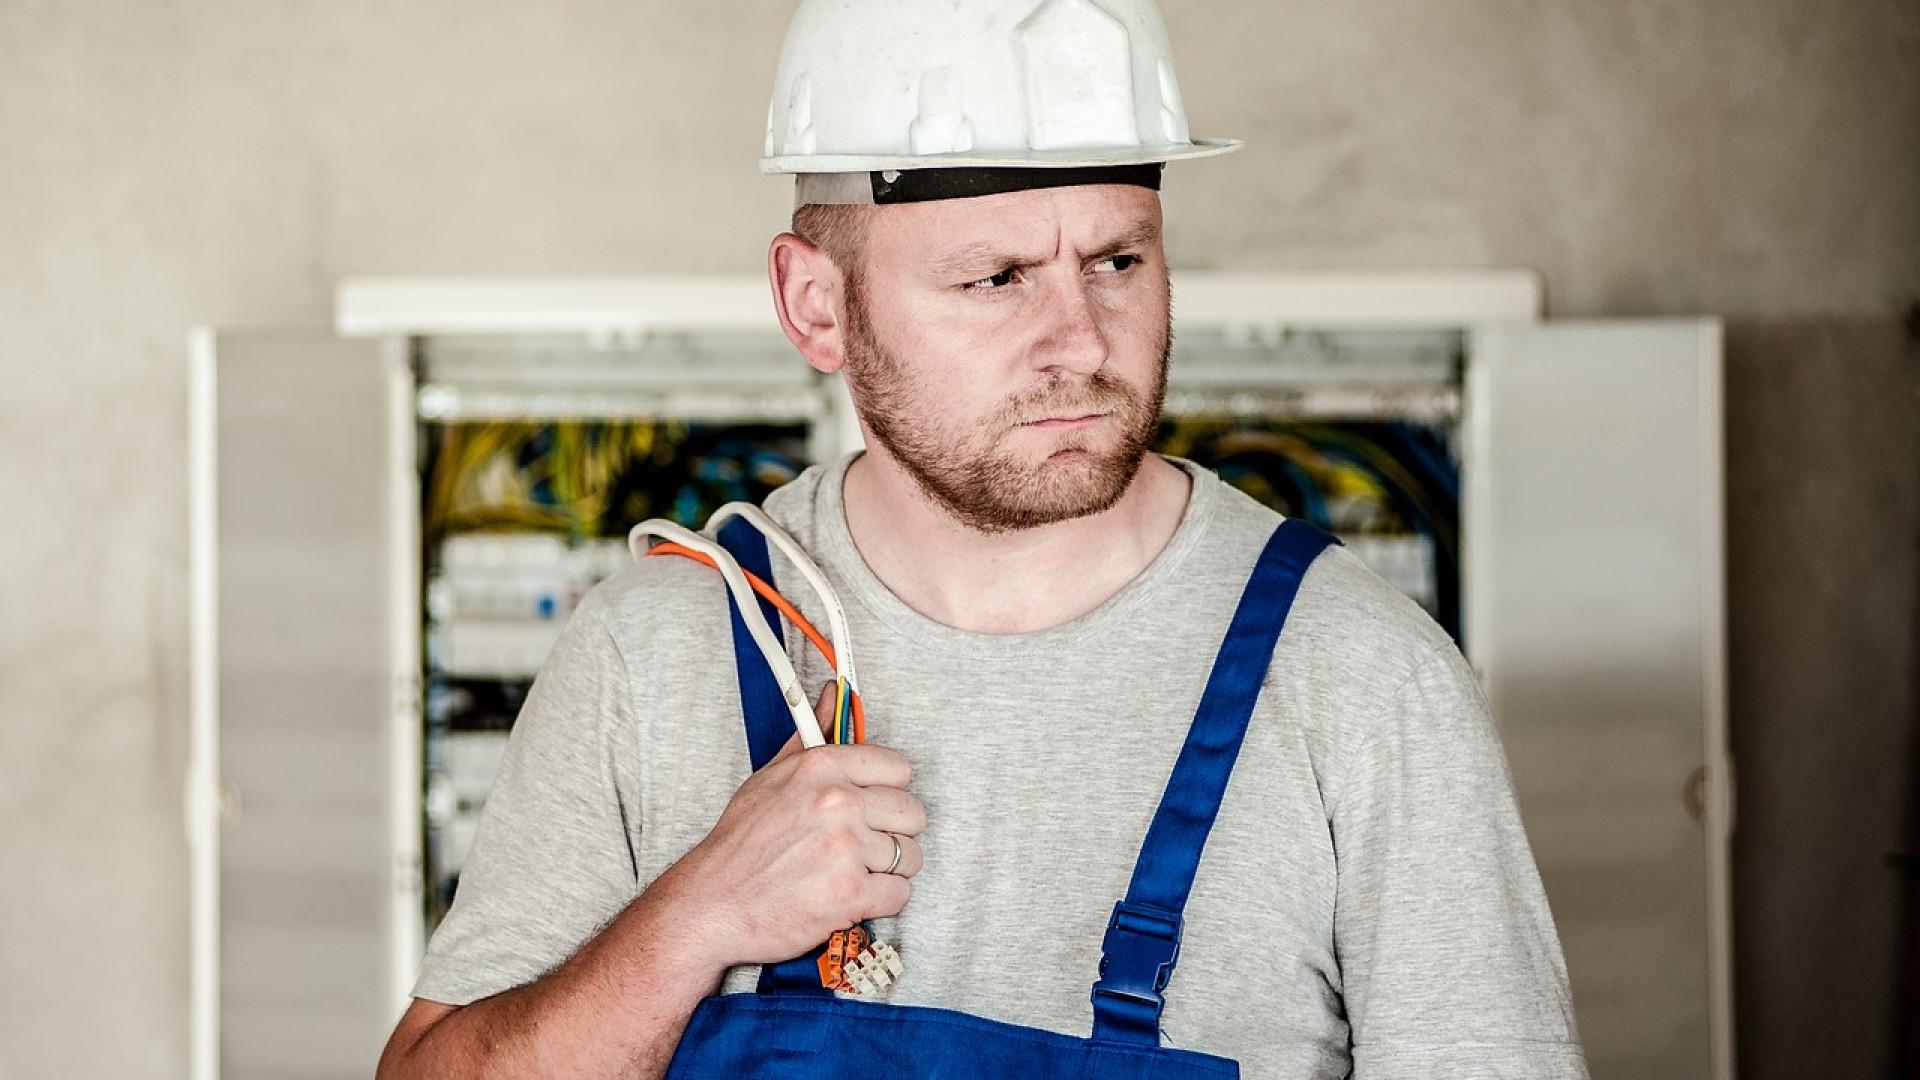 Des professionnels du bâtiment au service de tous